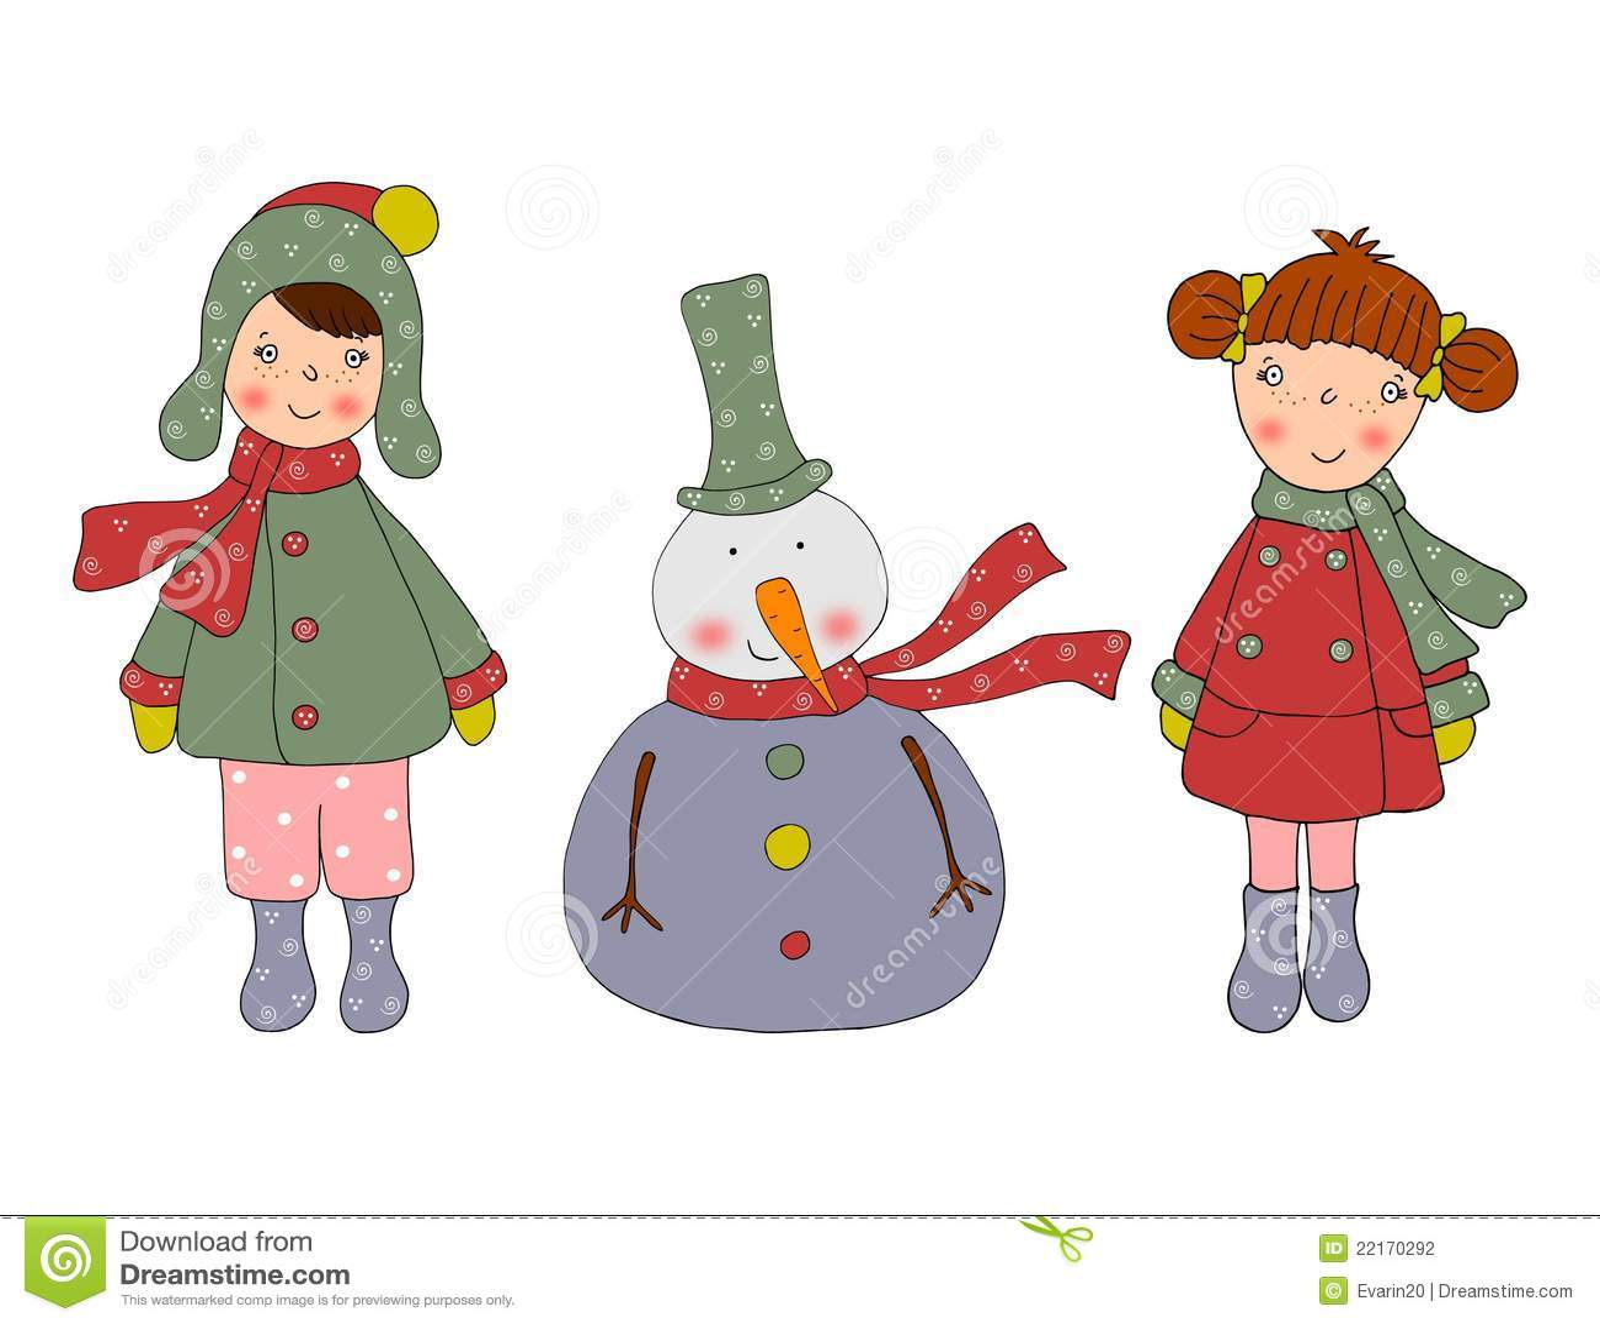 Personajes de dibujos animados tarjeta de navidad - Dibujos de postales de navidad ...